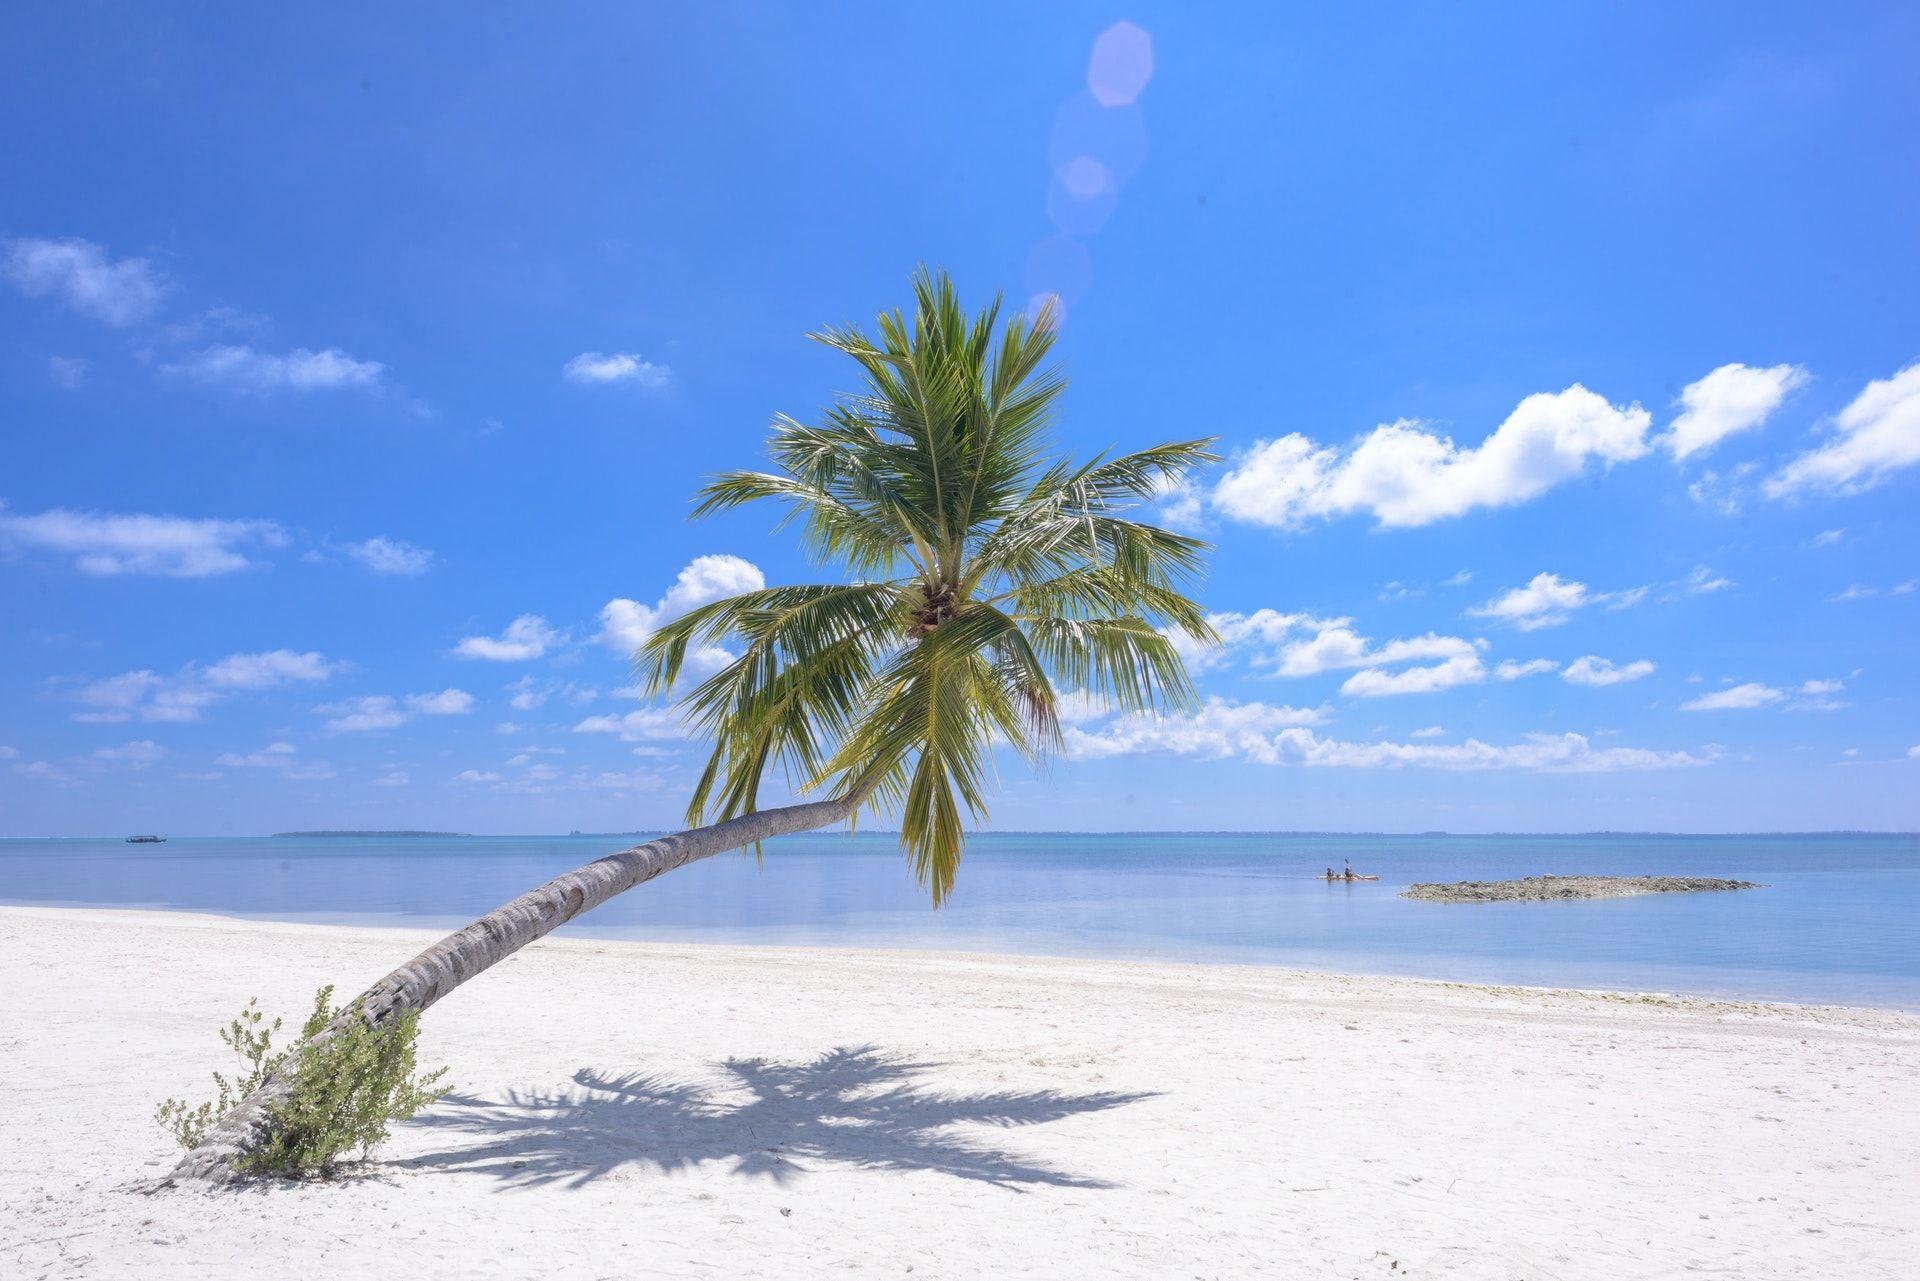 Pemandangan Pohon Kelapa Pantai Pantai Pemandangan